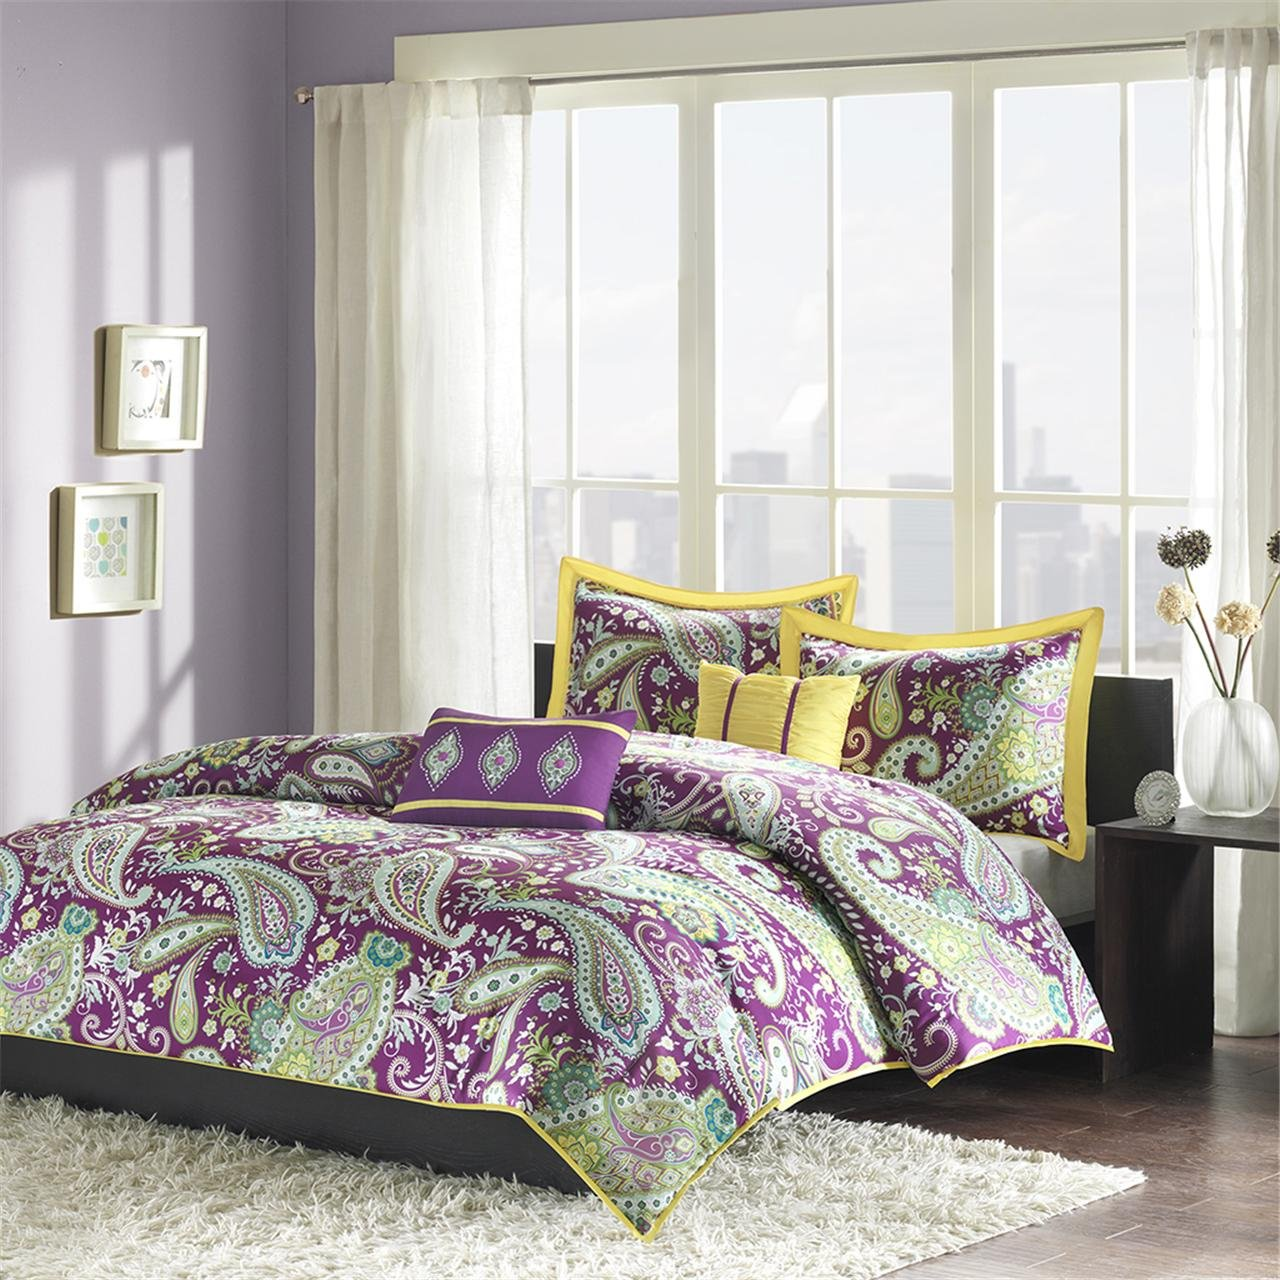 Intelligent Design Melissa 5 Piece Comforter Set Purple Full/Queen